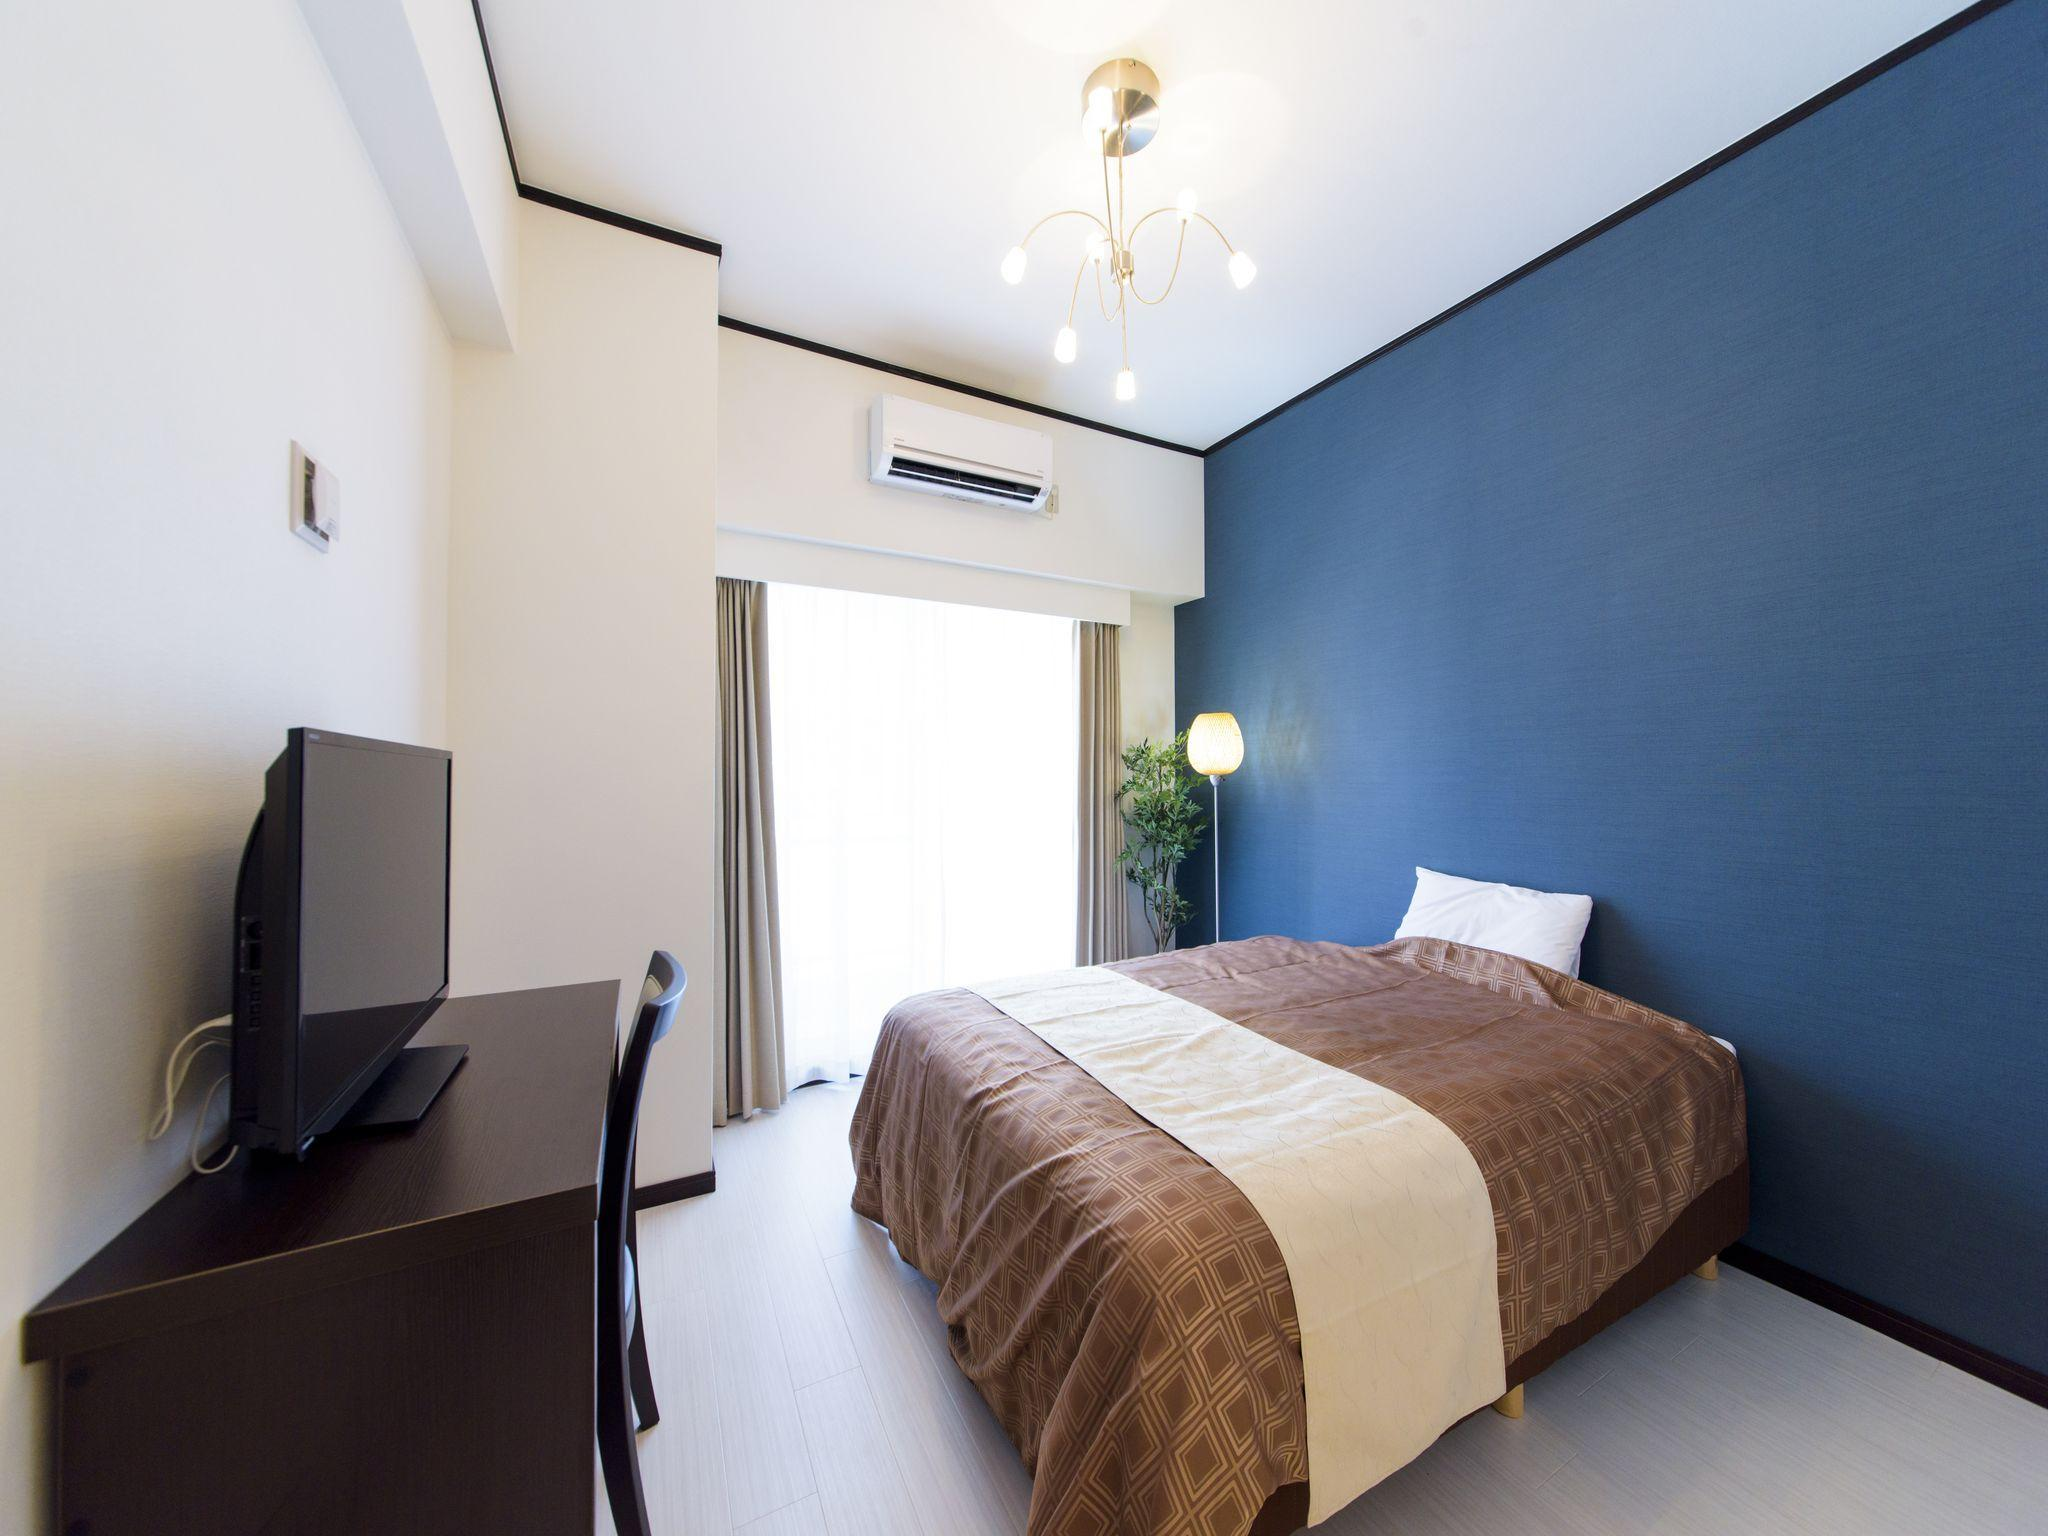 Amakara Okinawa Okinawa Hotels Japan Great Savings And Real Reviews